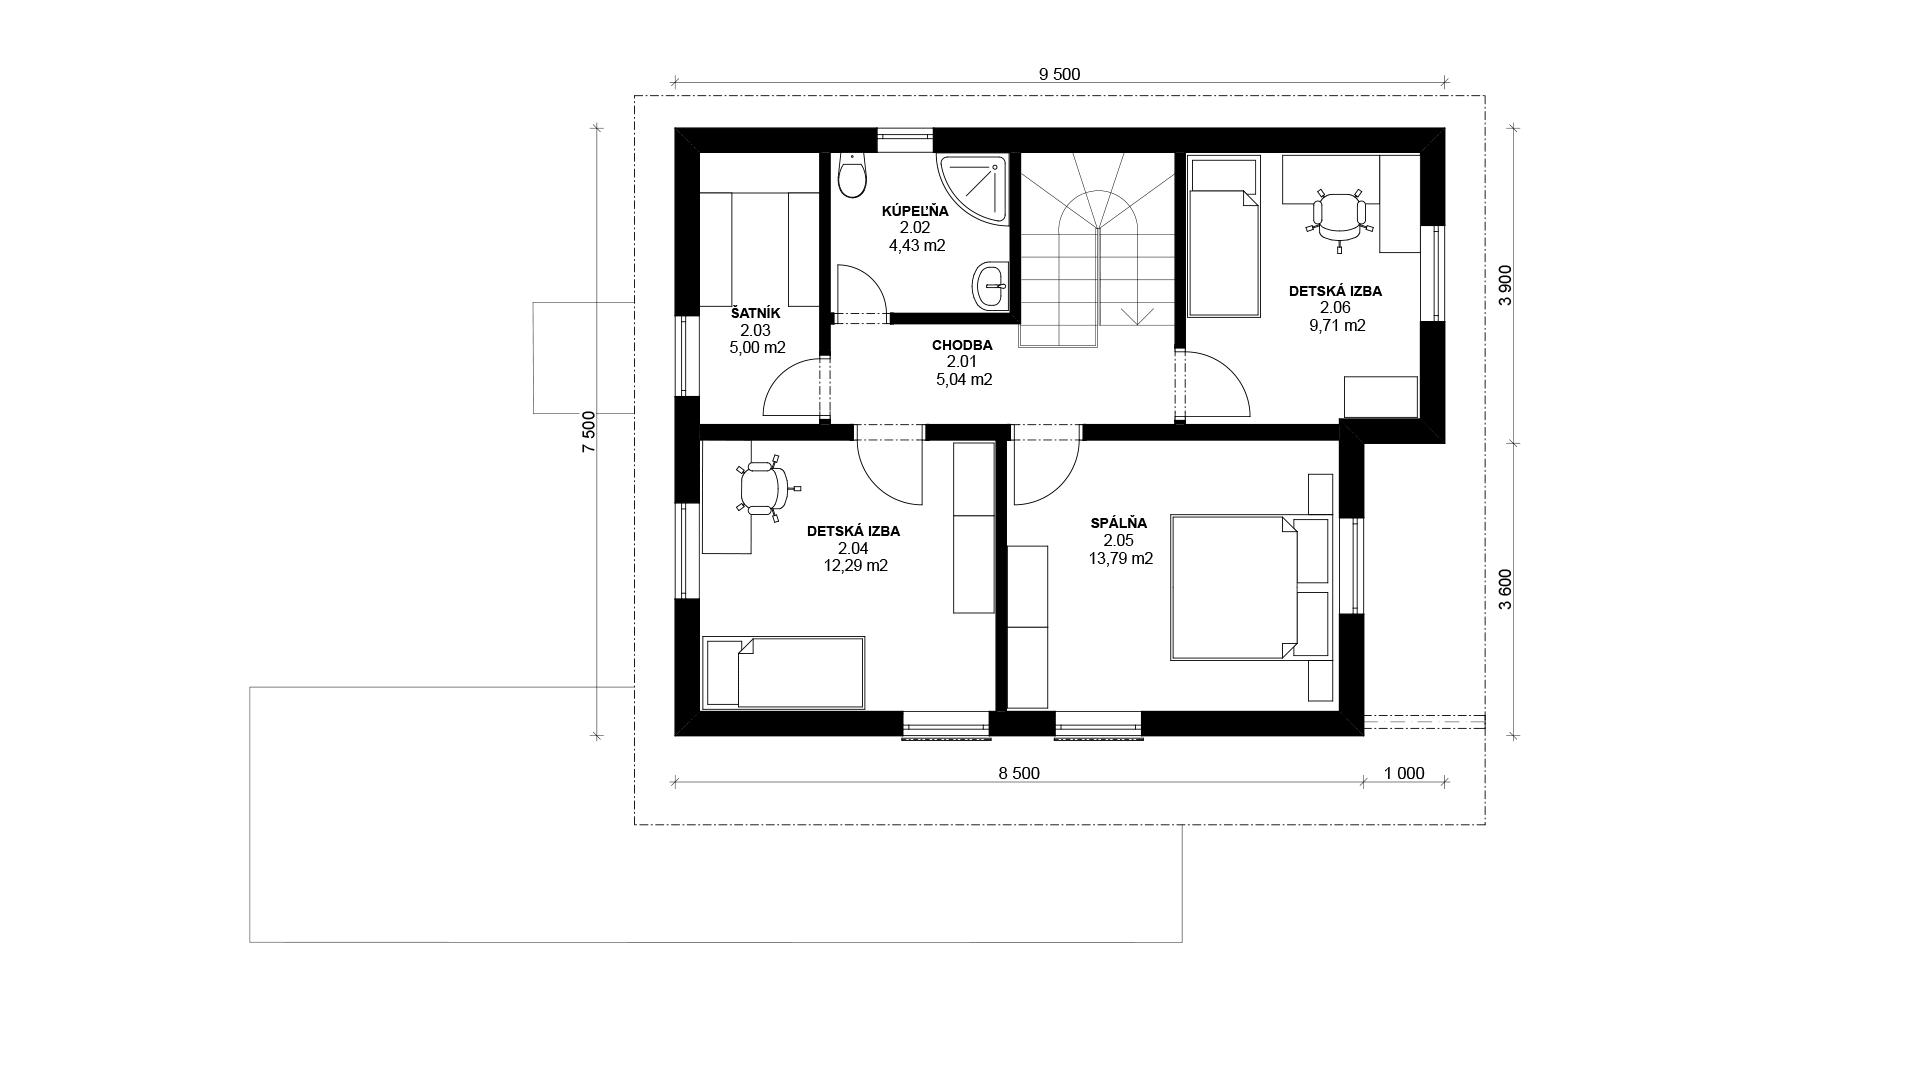 Karta-domu-Richie_06_zelená stavba